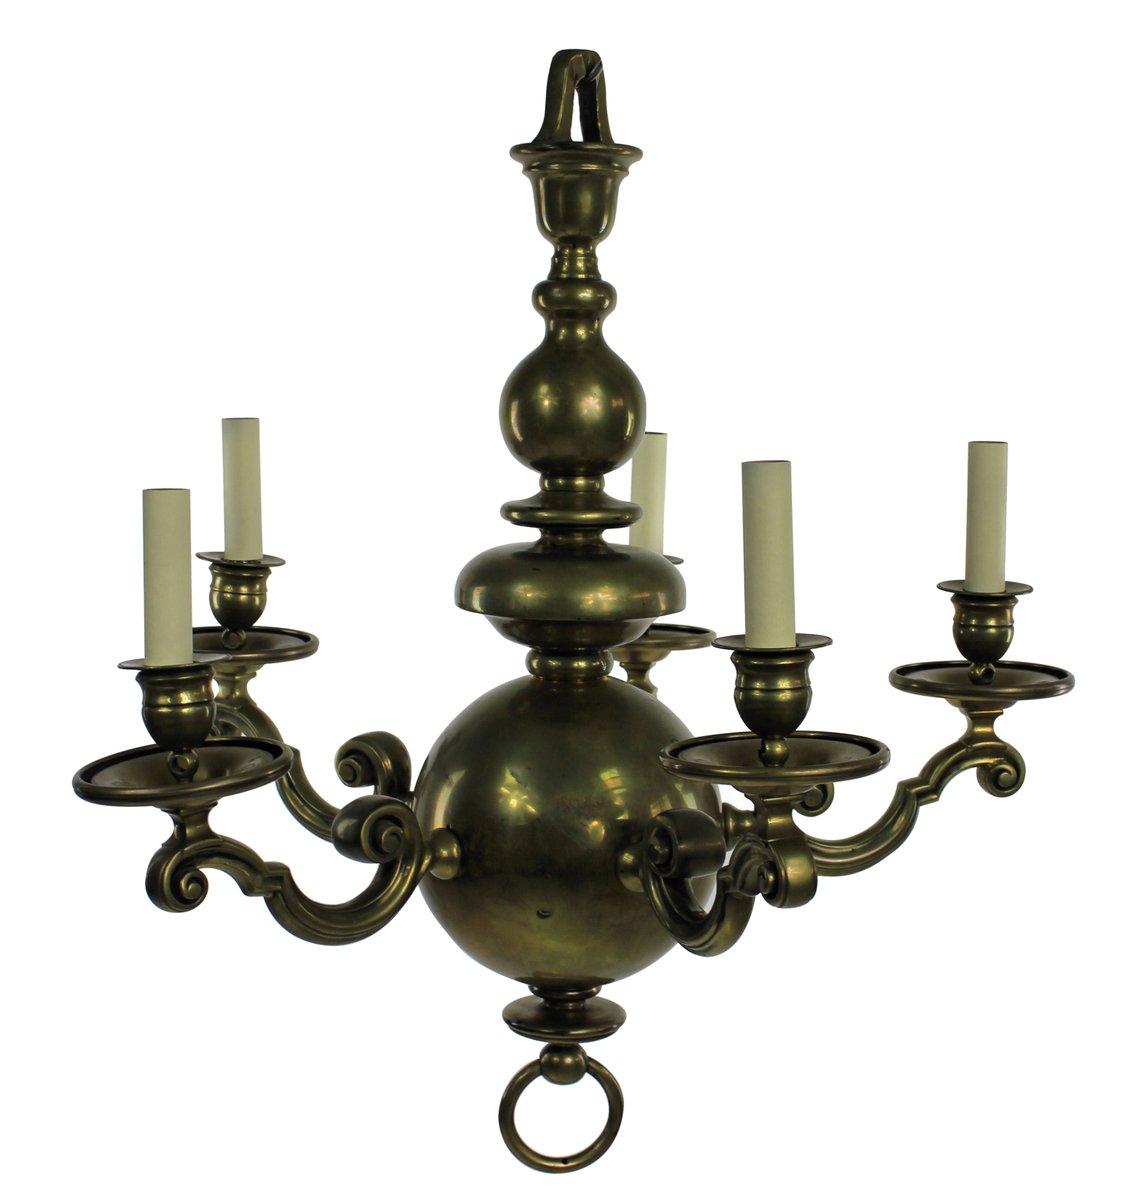 Antique Dutch Chandelier, 1840s - Antique Dutch Chandelier, 1840s For Sale At Pamono